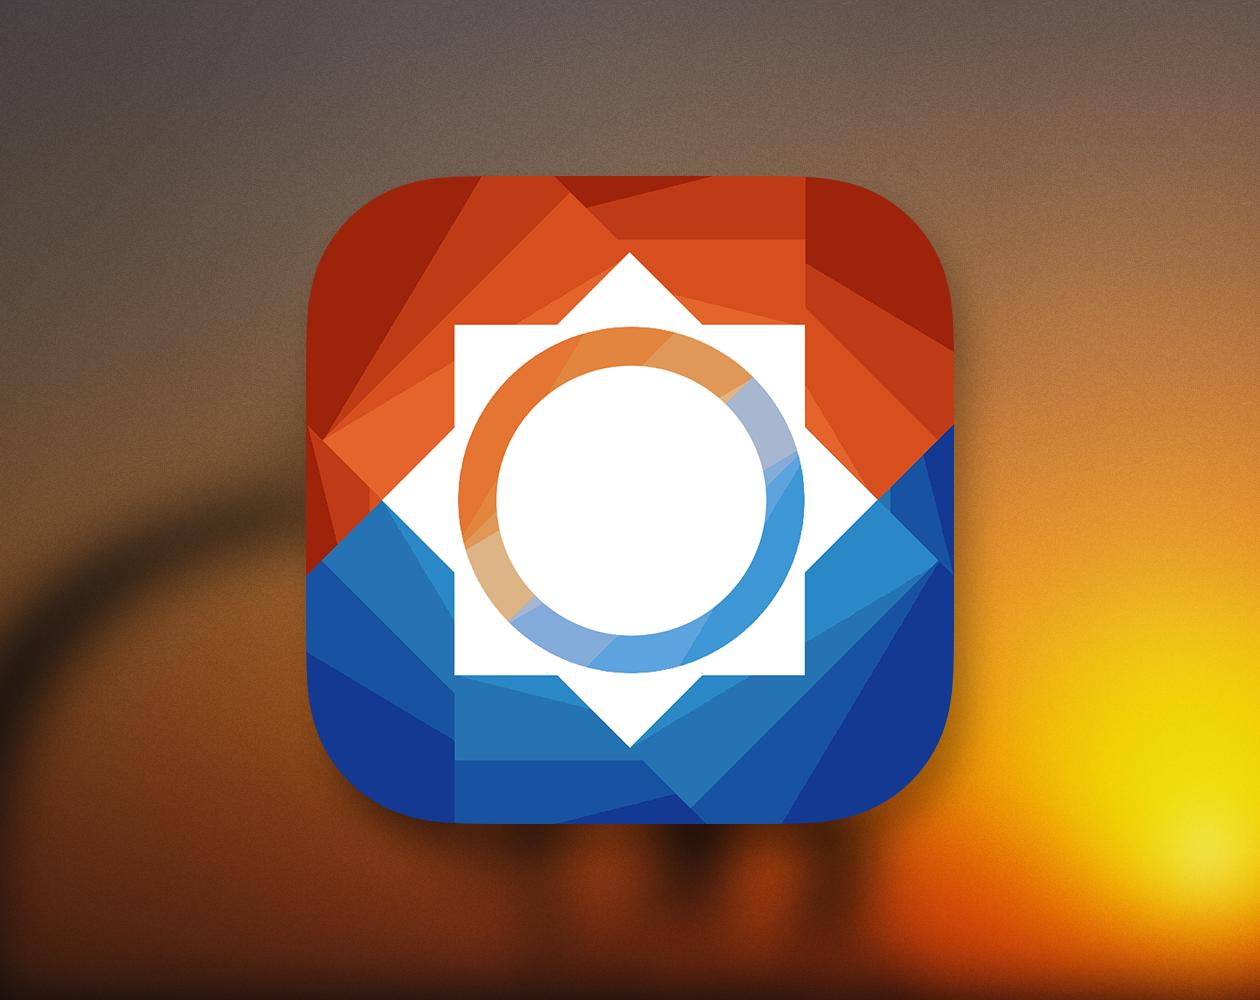 Clima для iOS —погодное приложение с крутым интерфейсом